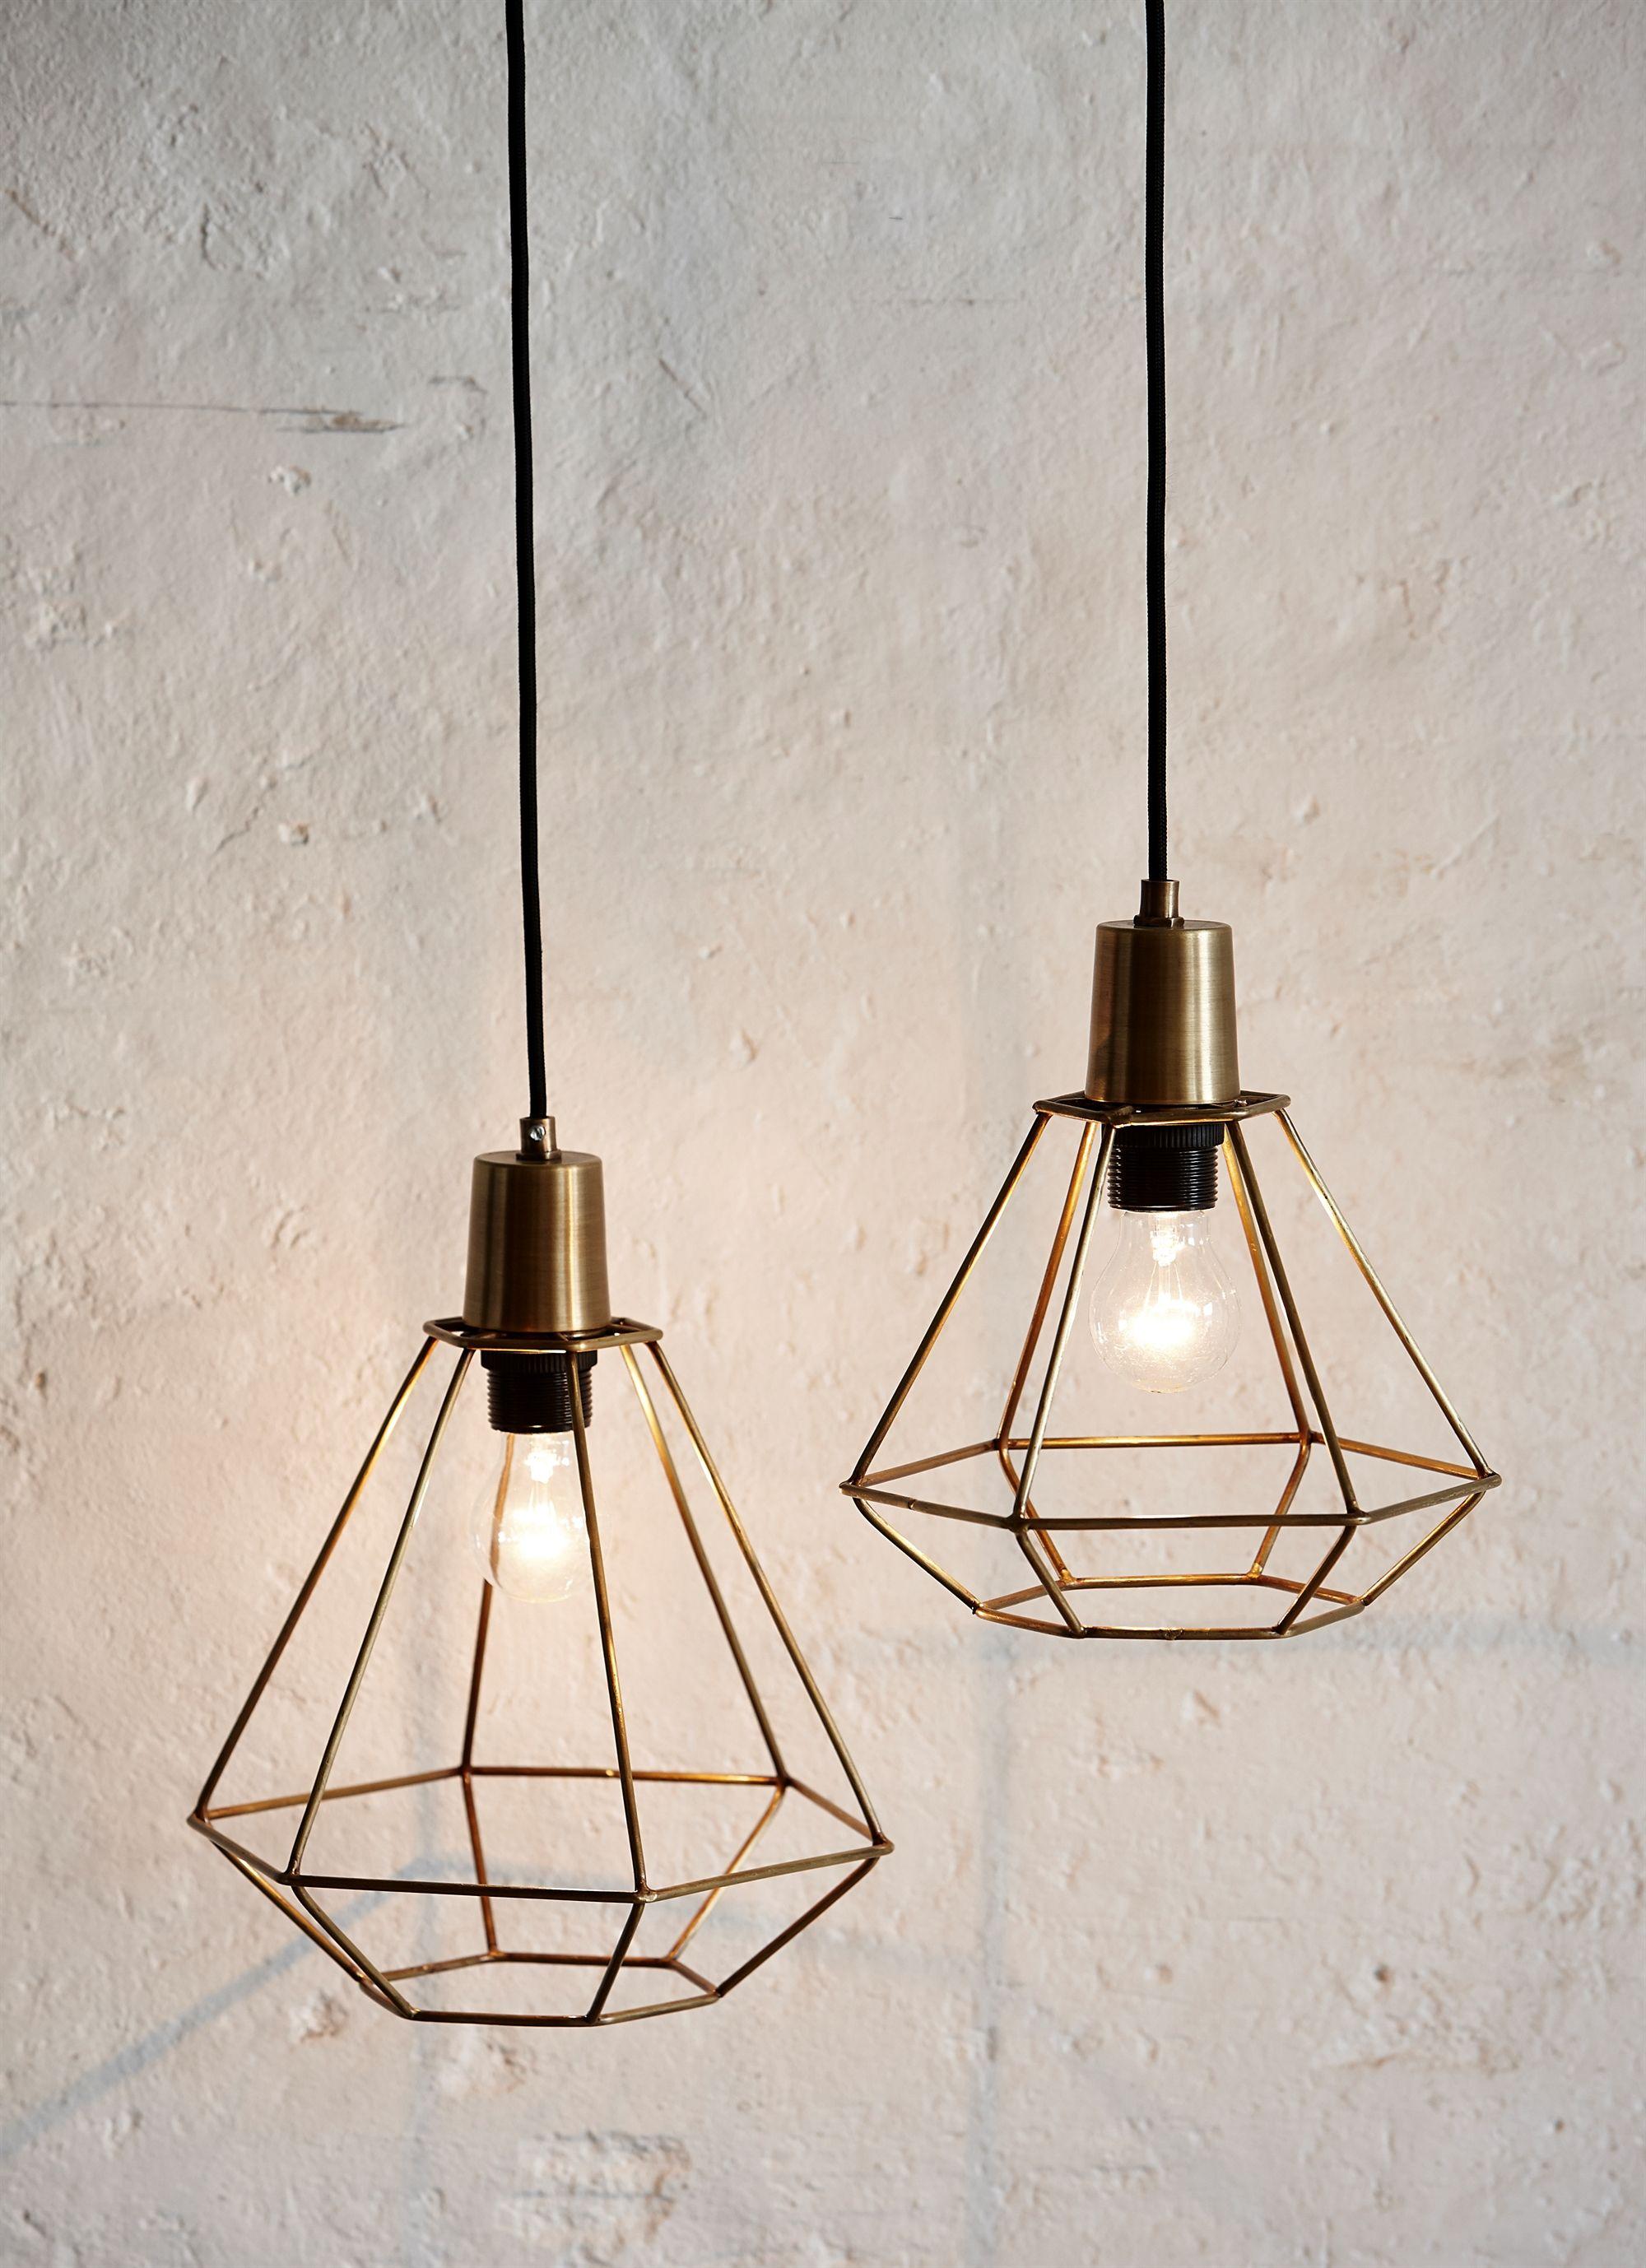 sk n diamant messing lampe fra h bsch br ndum interi r indretning og m bler pinterest. Black Bedroom Furniture Sets. Home Design Ideas